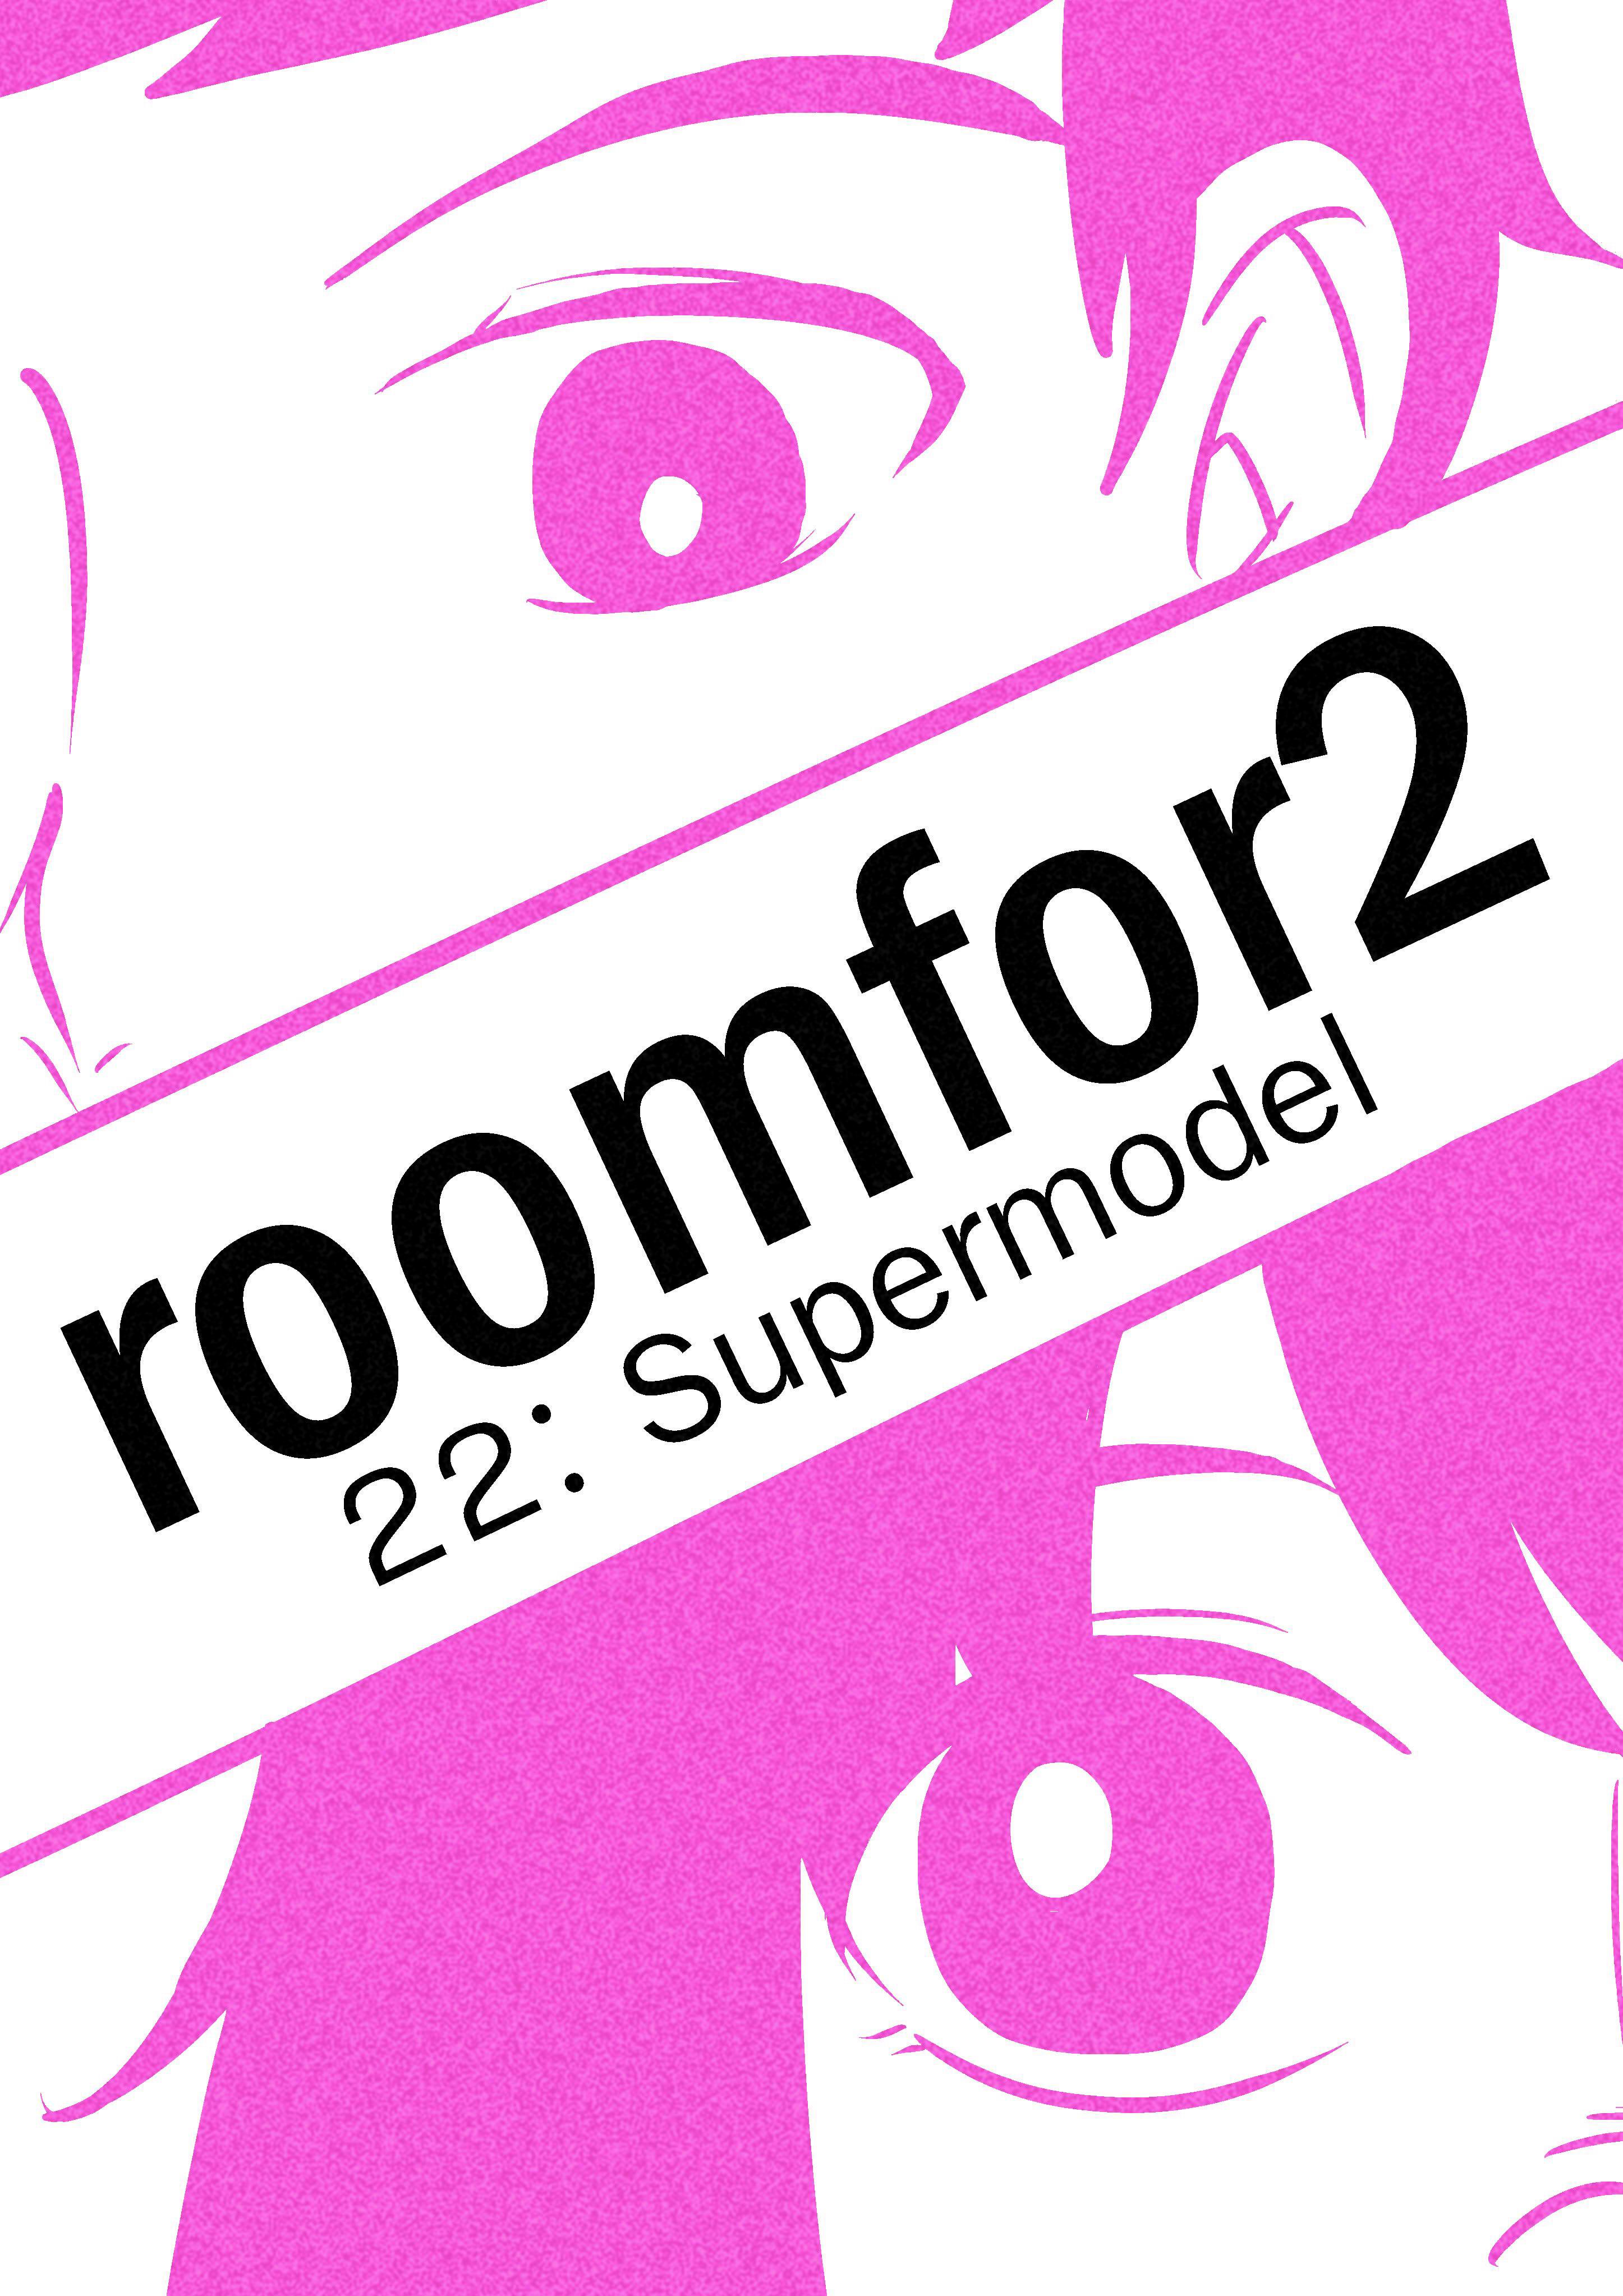 22: Supermodel